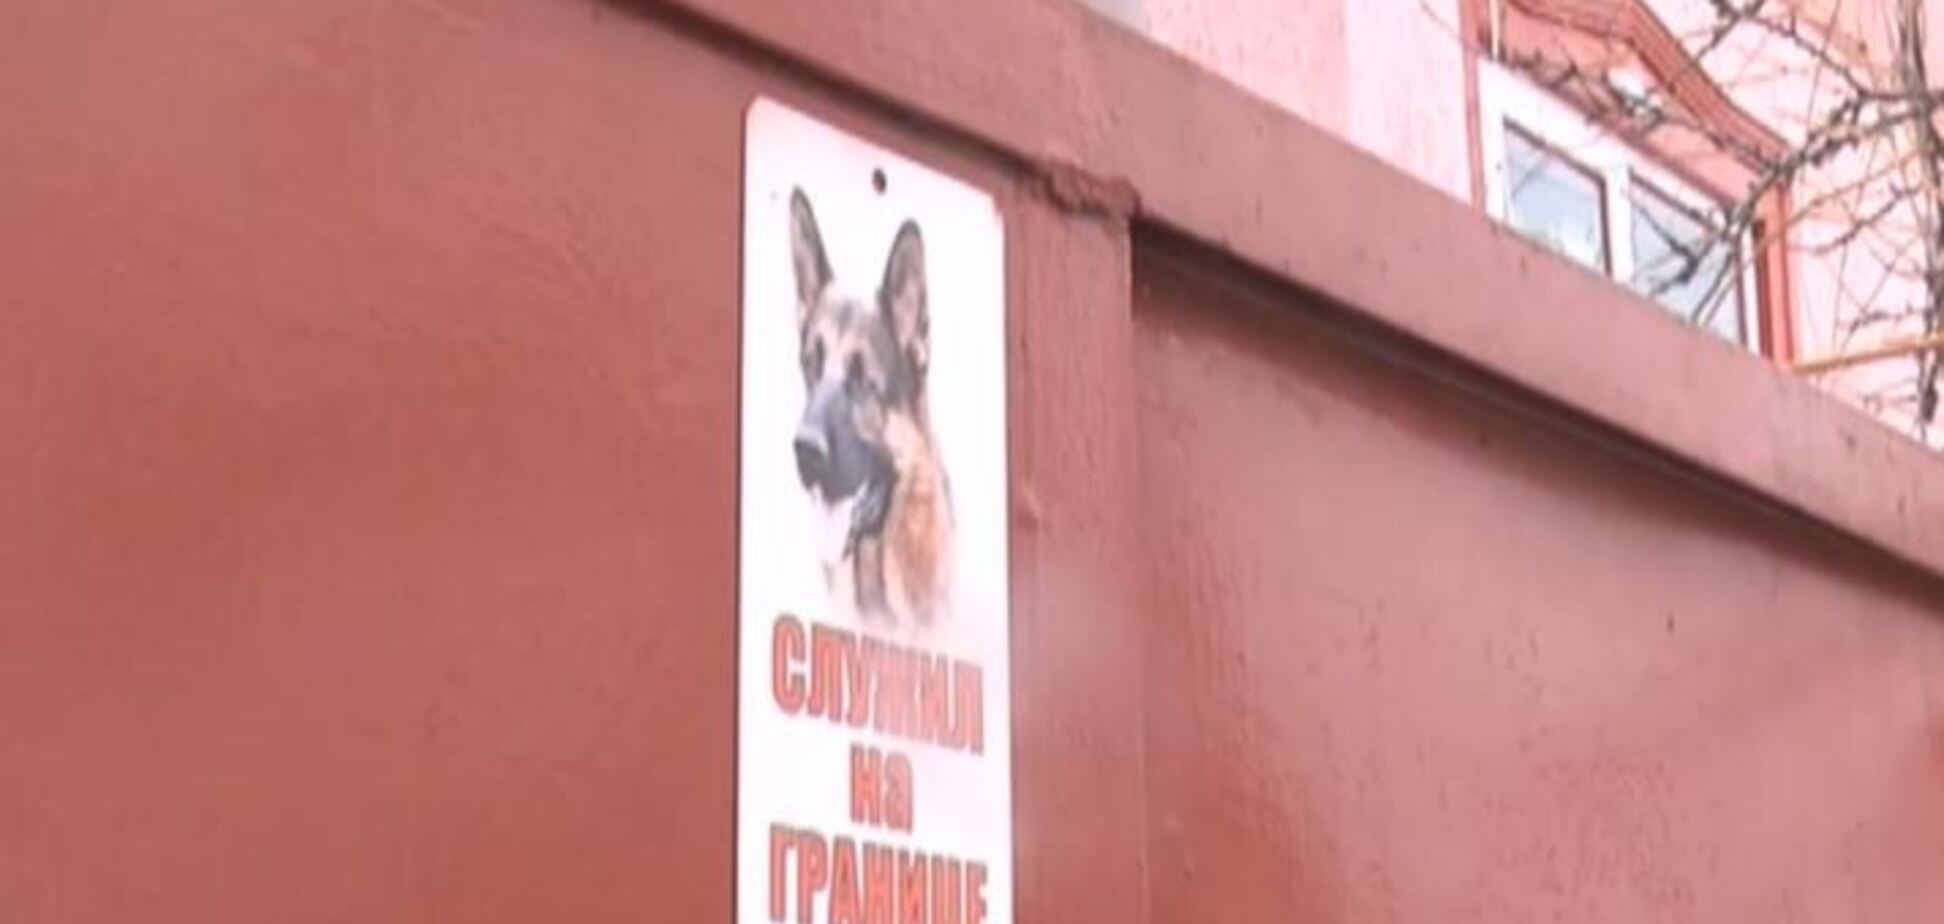 Весь двор в крови: появились жуткие подробности убийства собакой ребенка под Харьковом